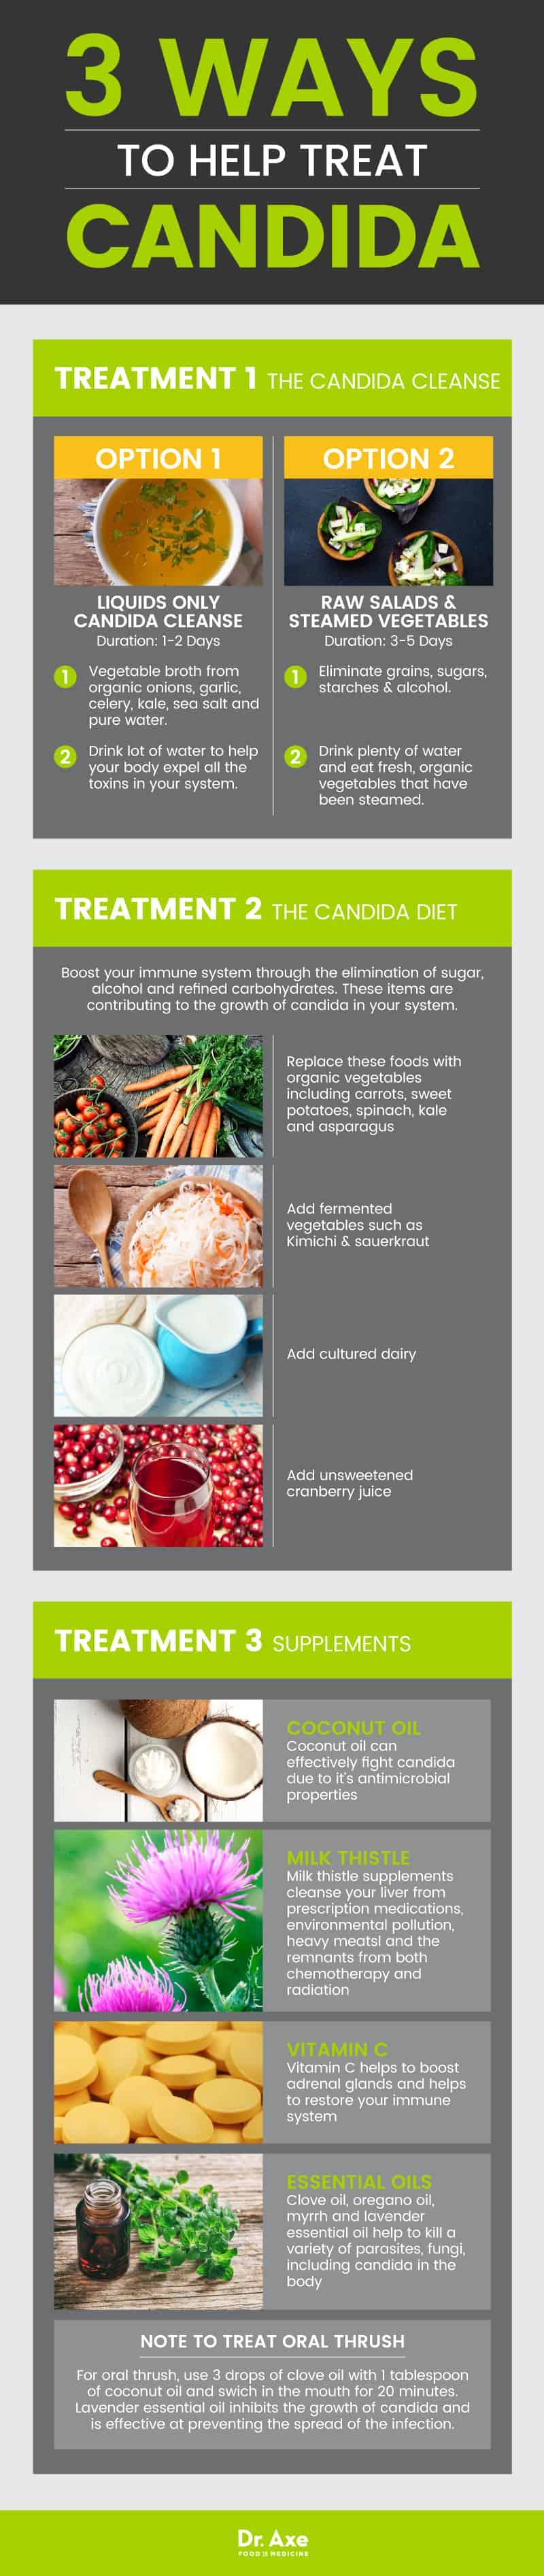 3 Möglichkeiten zur Behandlung von Candida-Symptomen - Dr. Ax